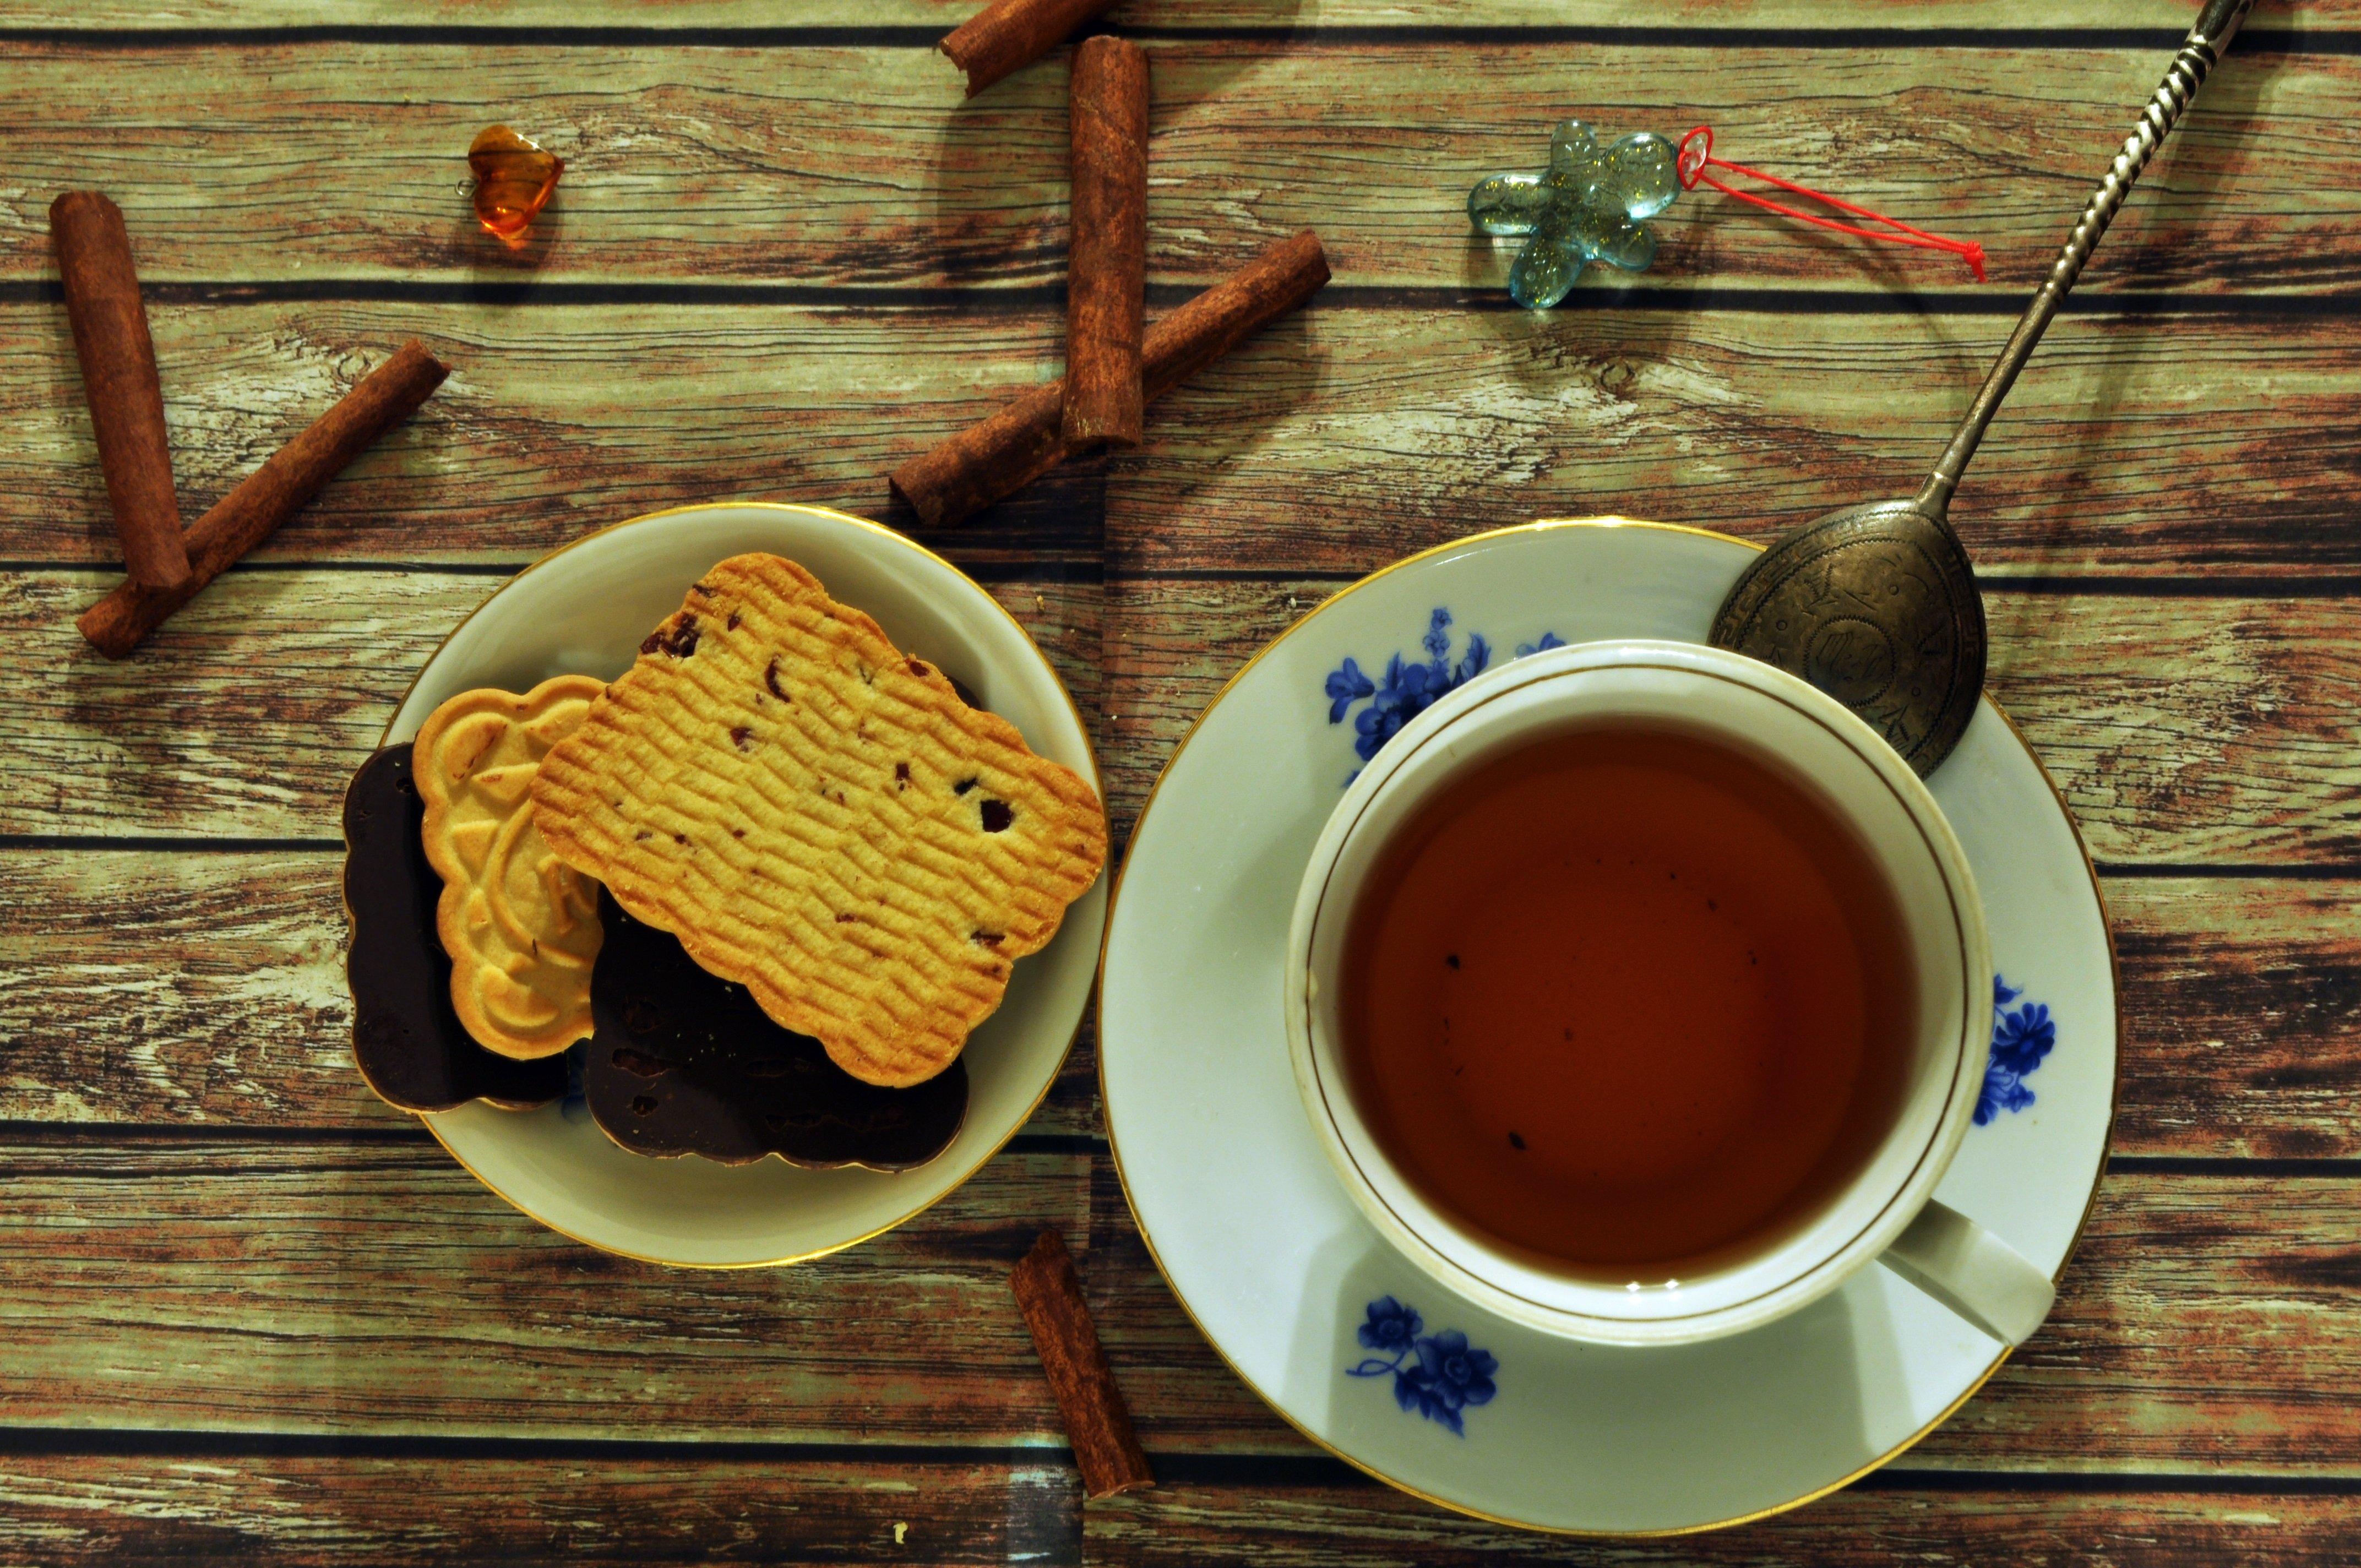 Сентября идеи, чай с печеньками открытки